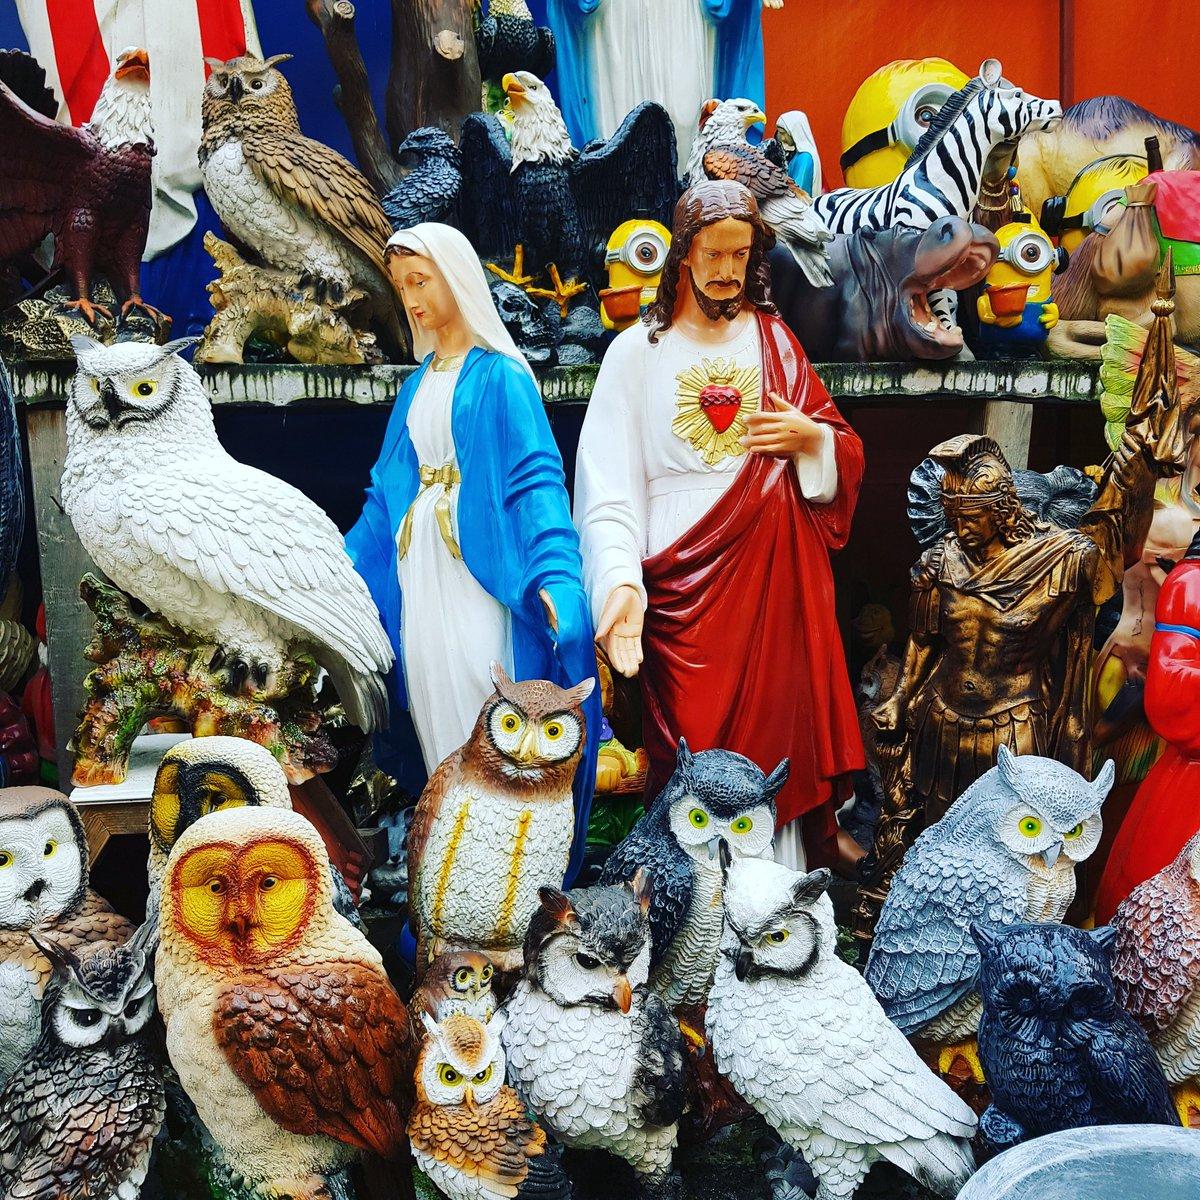 Jesus und Maria und die Segnung der 3.000 Eulen. Ganze Geschichte siehe Apokryphen.  The benediction of the 3.000 owls by Jesus & Mary. Whole story in the apokryphs.  #jesus #jesuschrist #jesusmemes #mary #jesusandmary #jesusandmarychain #owl #owls  #eule #eulen #apokryphenpic.twitter.com/W8McWSLXwN